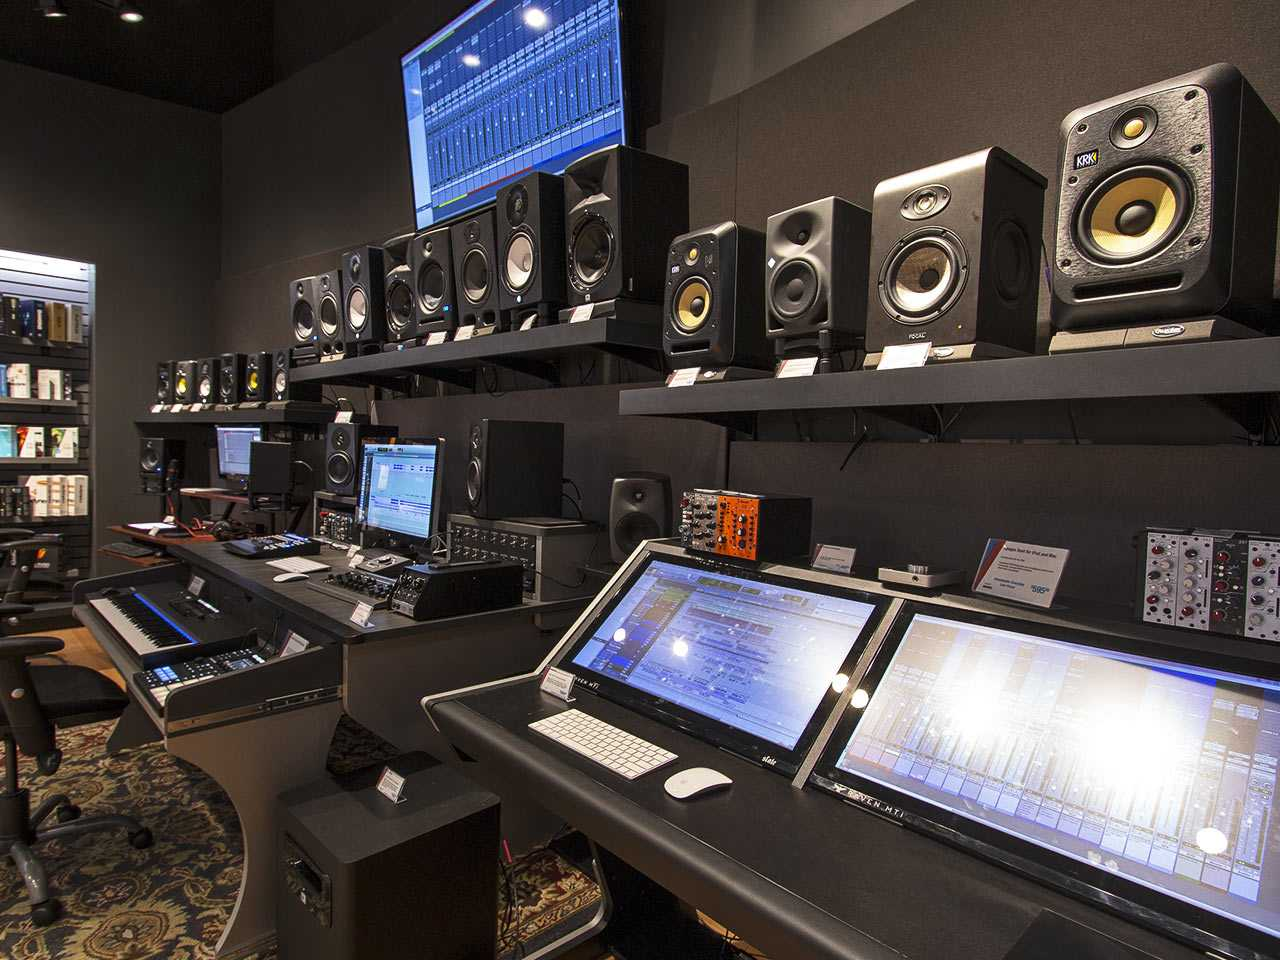 Mua phụ kiện dàn âm thanh ở TPHCM chính hãng